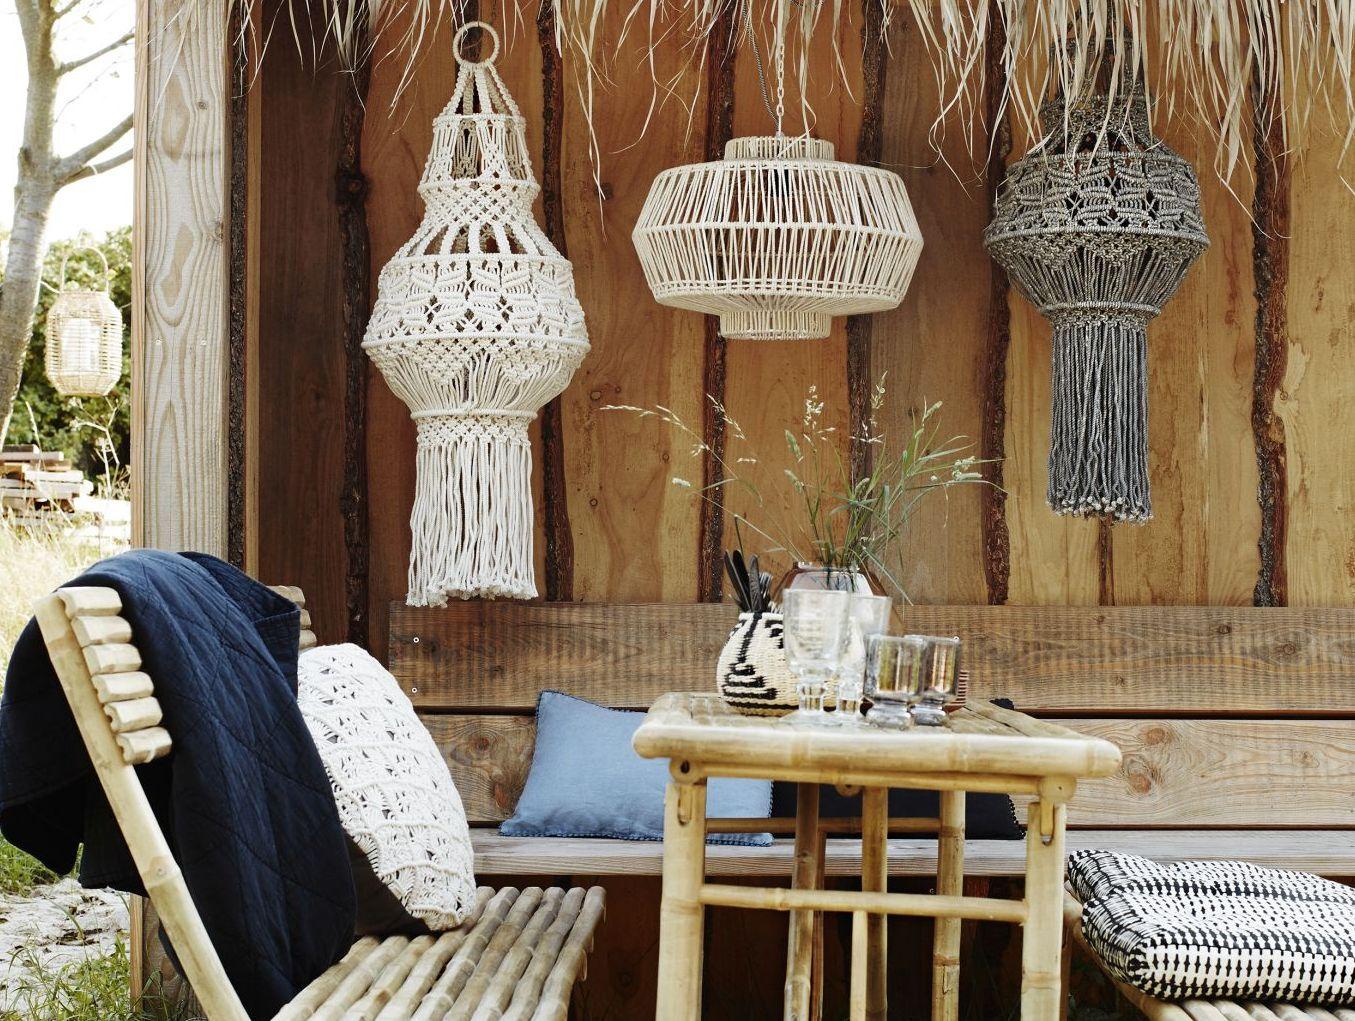 o trouver la collection t de madam stoltz online. Black Bedroom Furniture Sets. Home Design Ideas